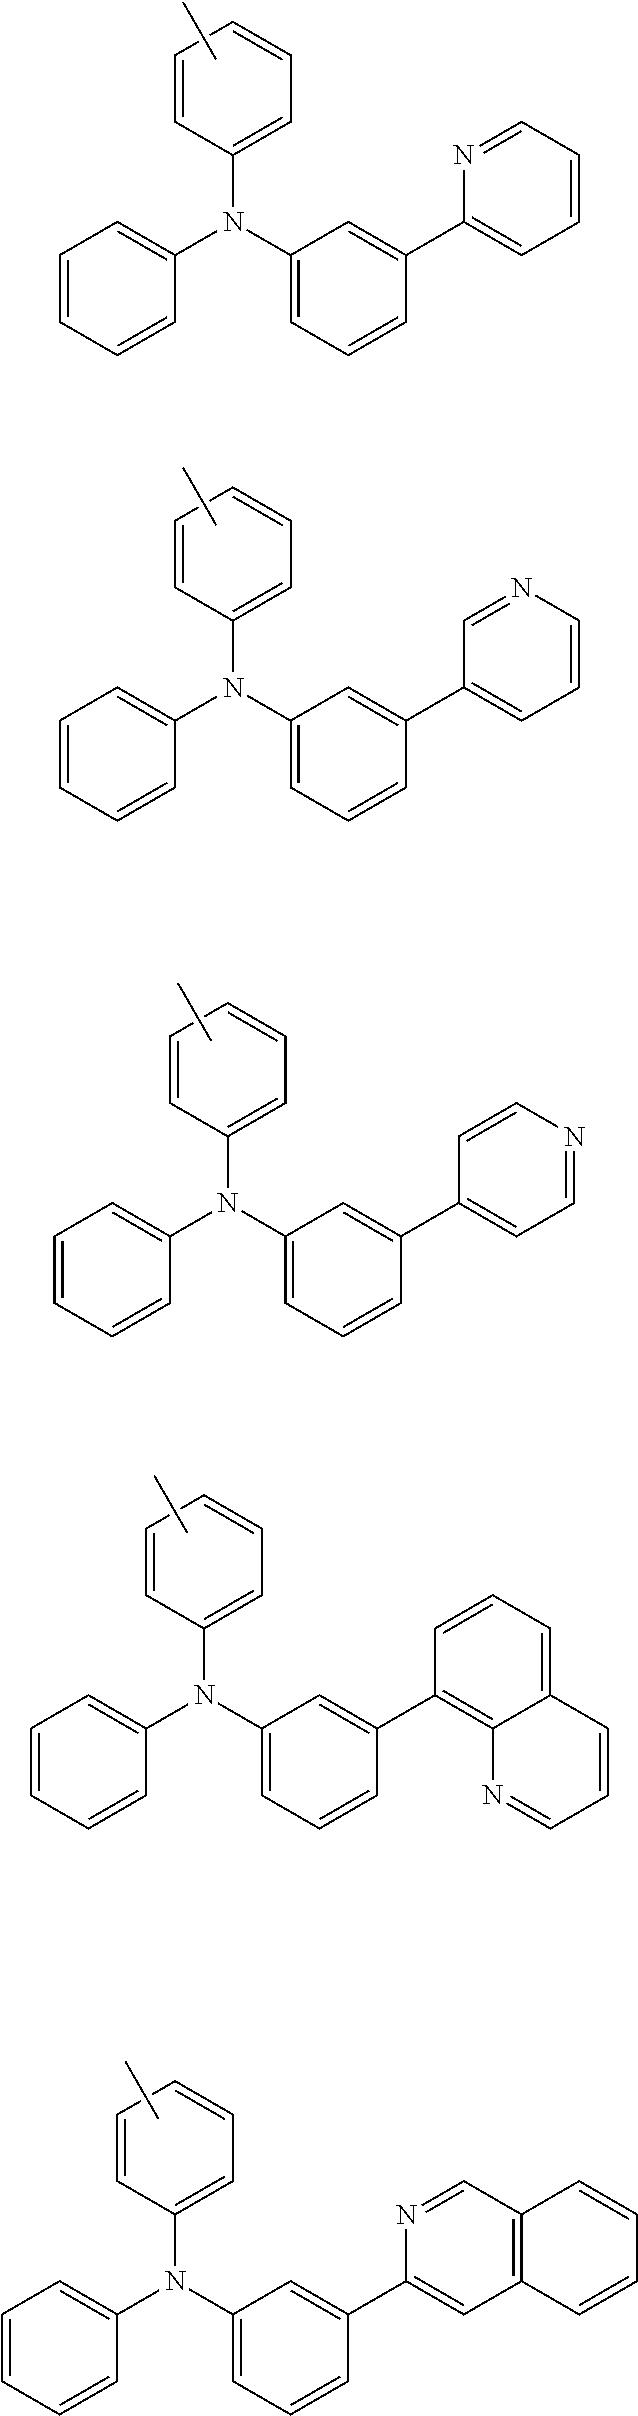 Figure US20150280139A1-20151001-C00024